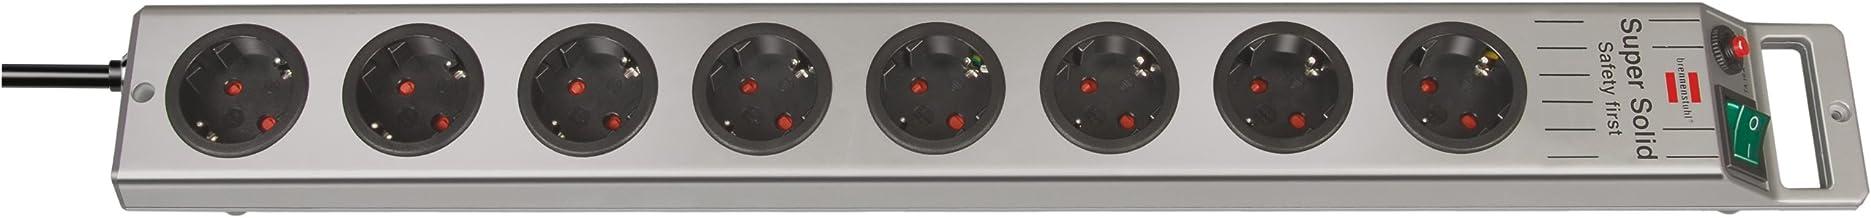 Brennenstuhl Super-Solid, stekkerdoos 8-voudig (2,5m kabel en schakelaar - van onbreekbaar polycarbonaat) kleur: zwart/zilver